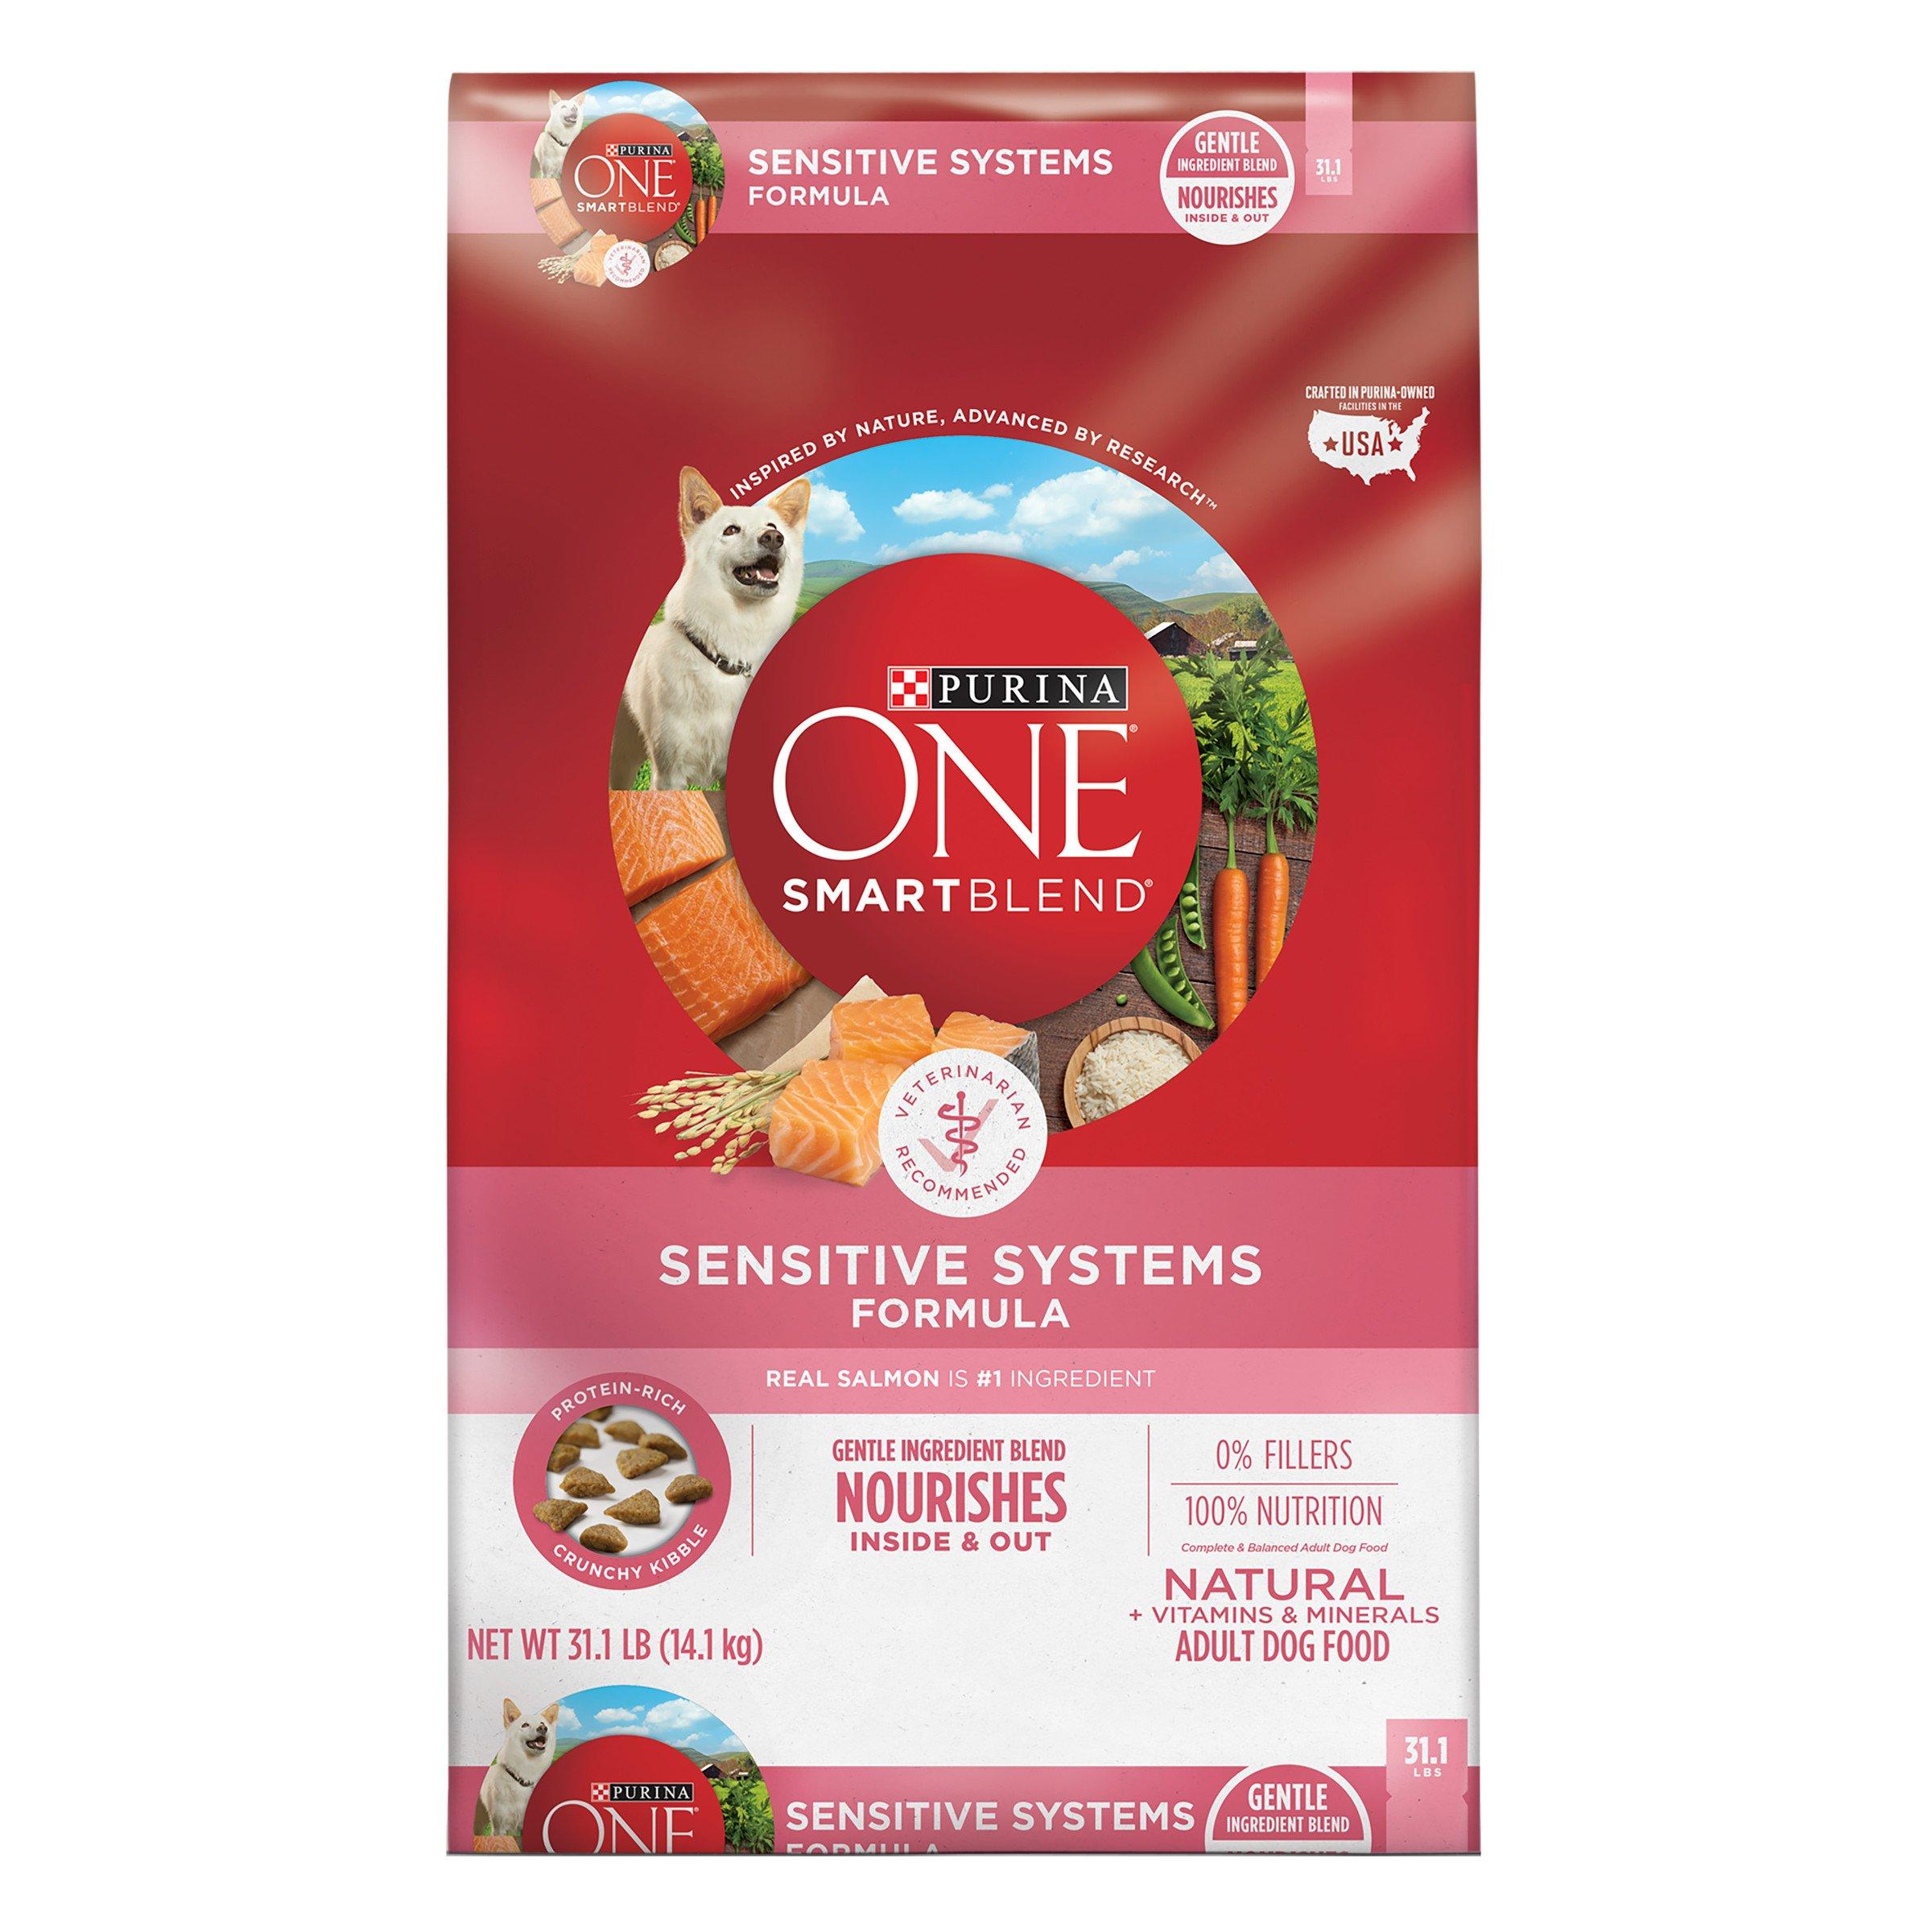 Purina ONE SmartBlend Natural Sensitive Systems Formula Adult Dry Dog Food - 31.1 lb. Bag